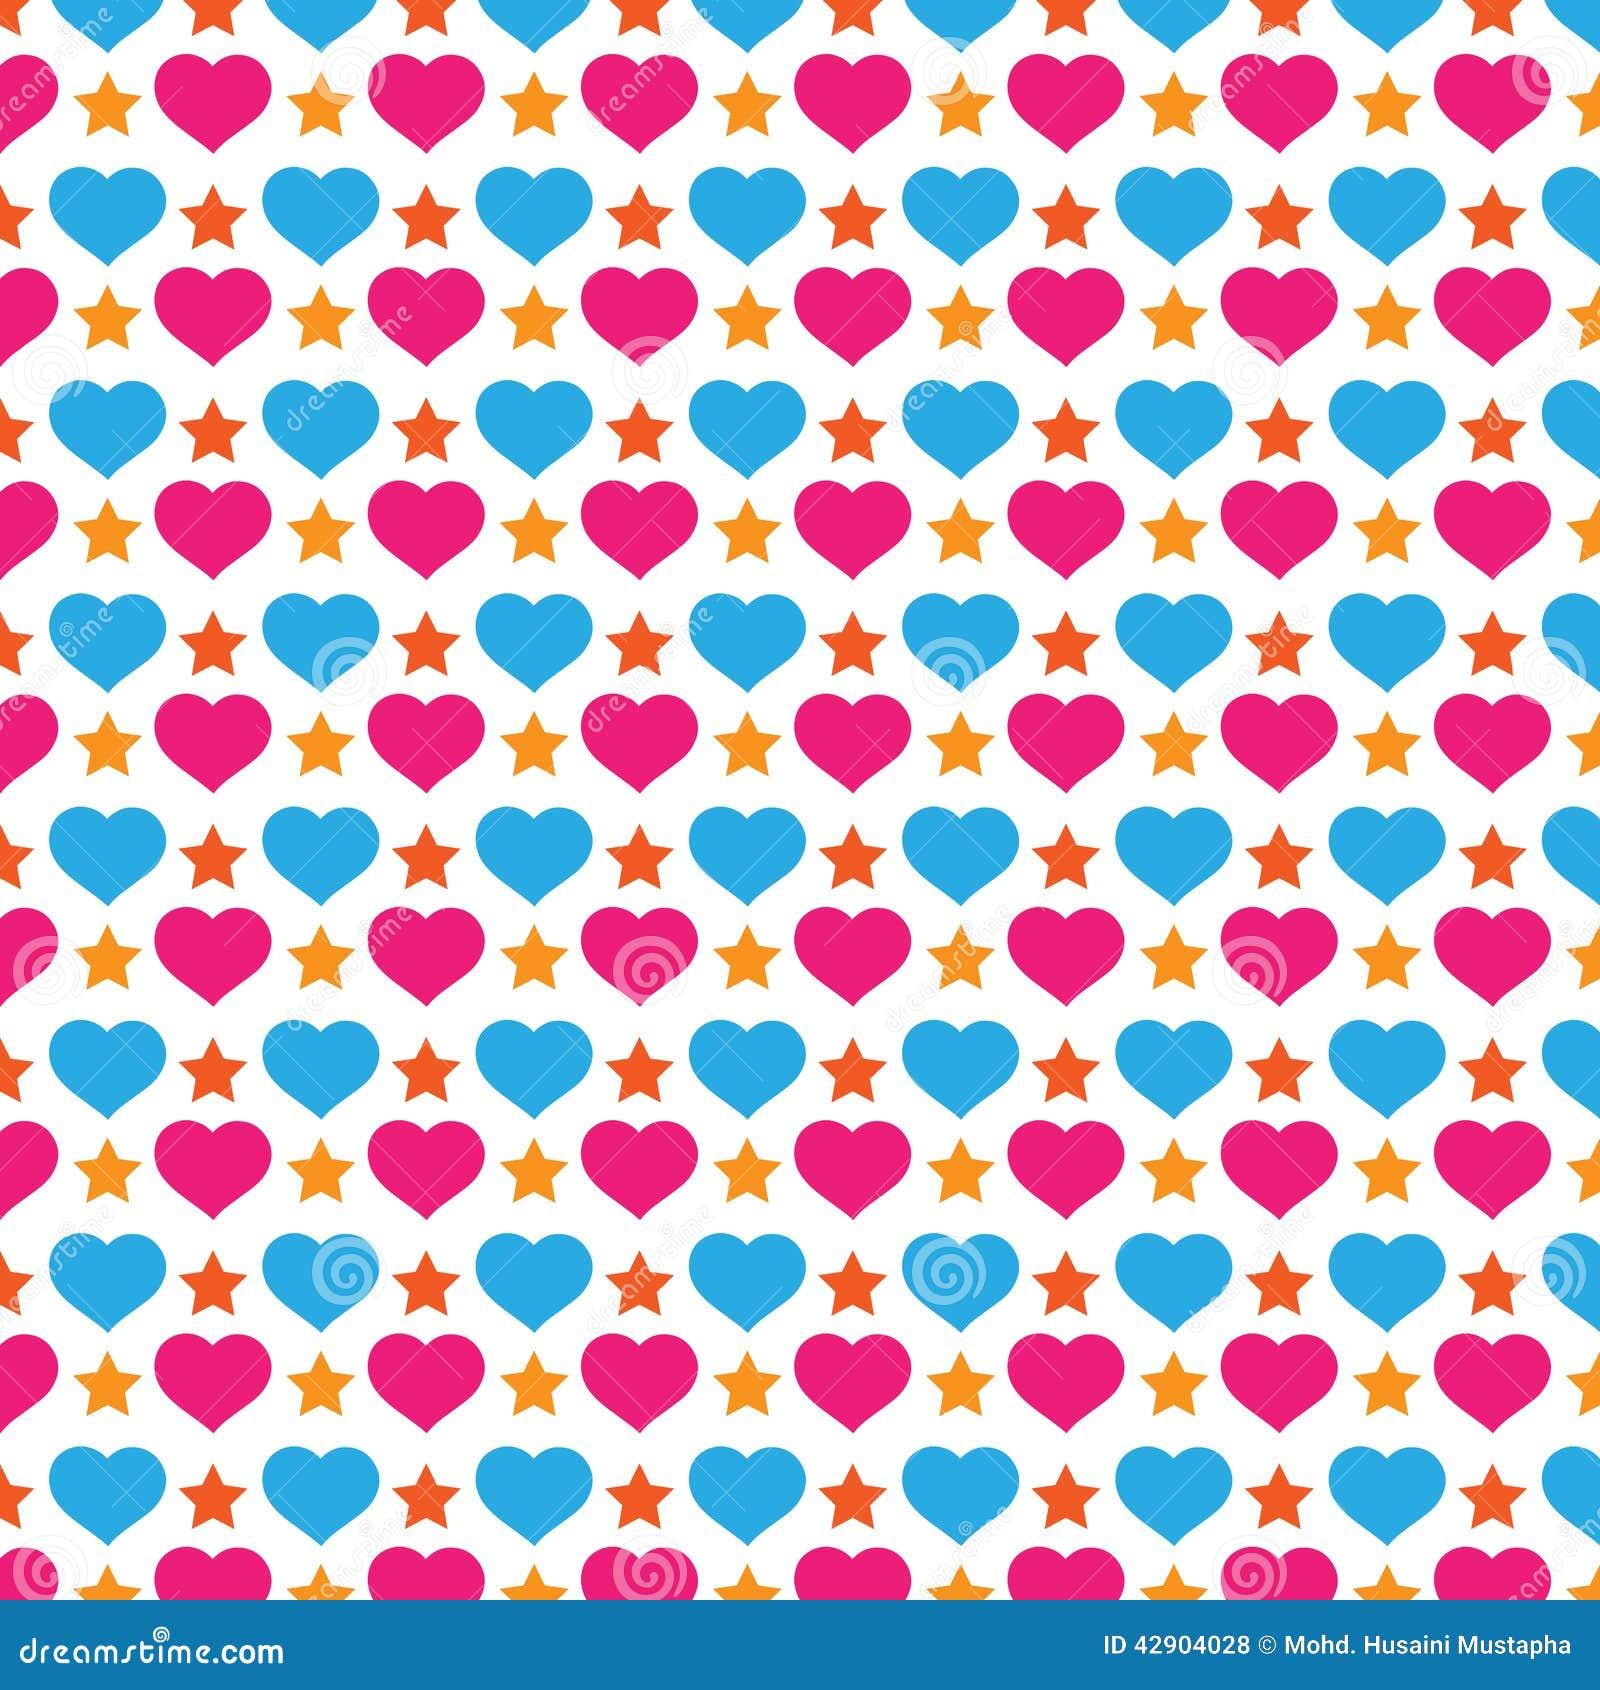 download buntes liebes und stern hintergrund muster vektor abbildung illustration von liebe - Stern Muster